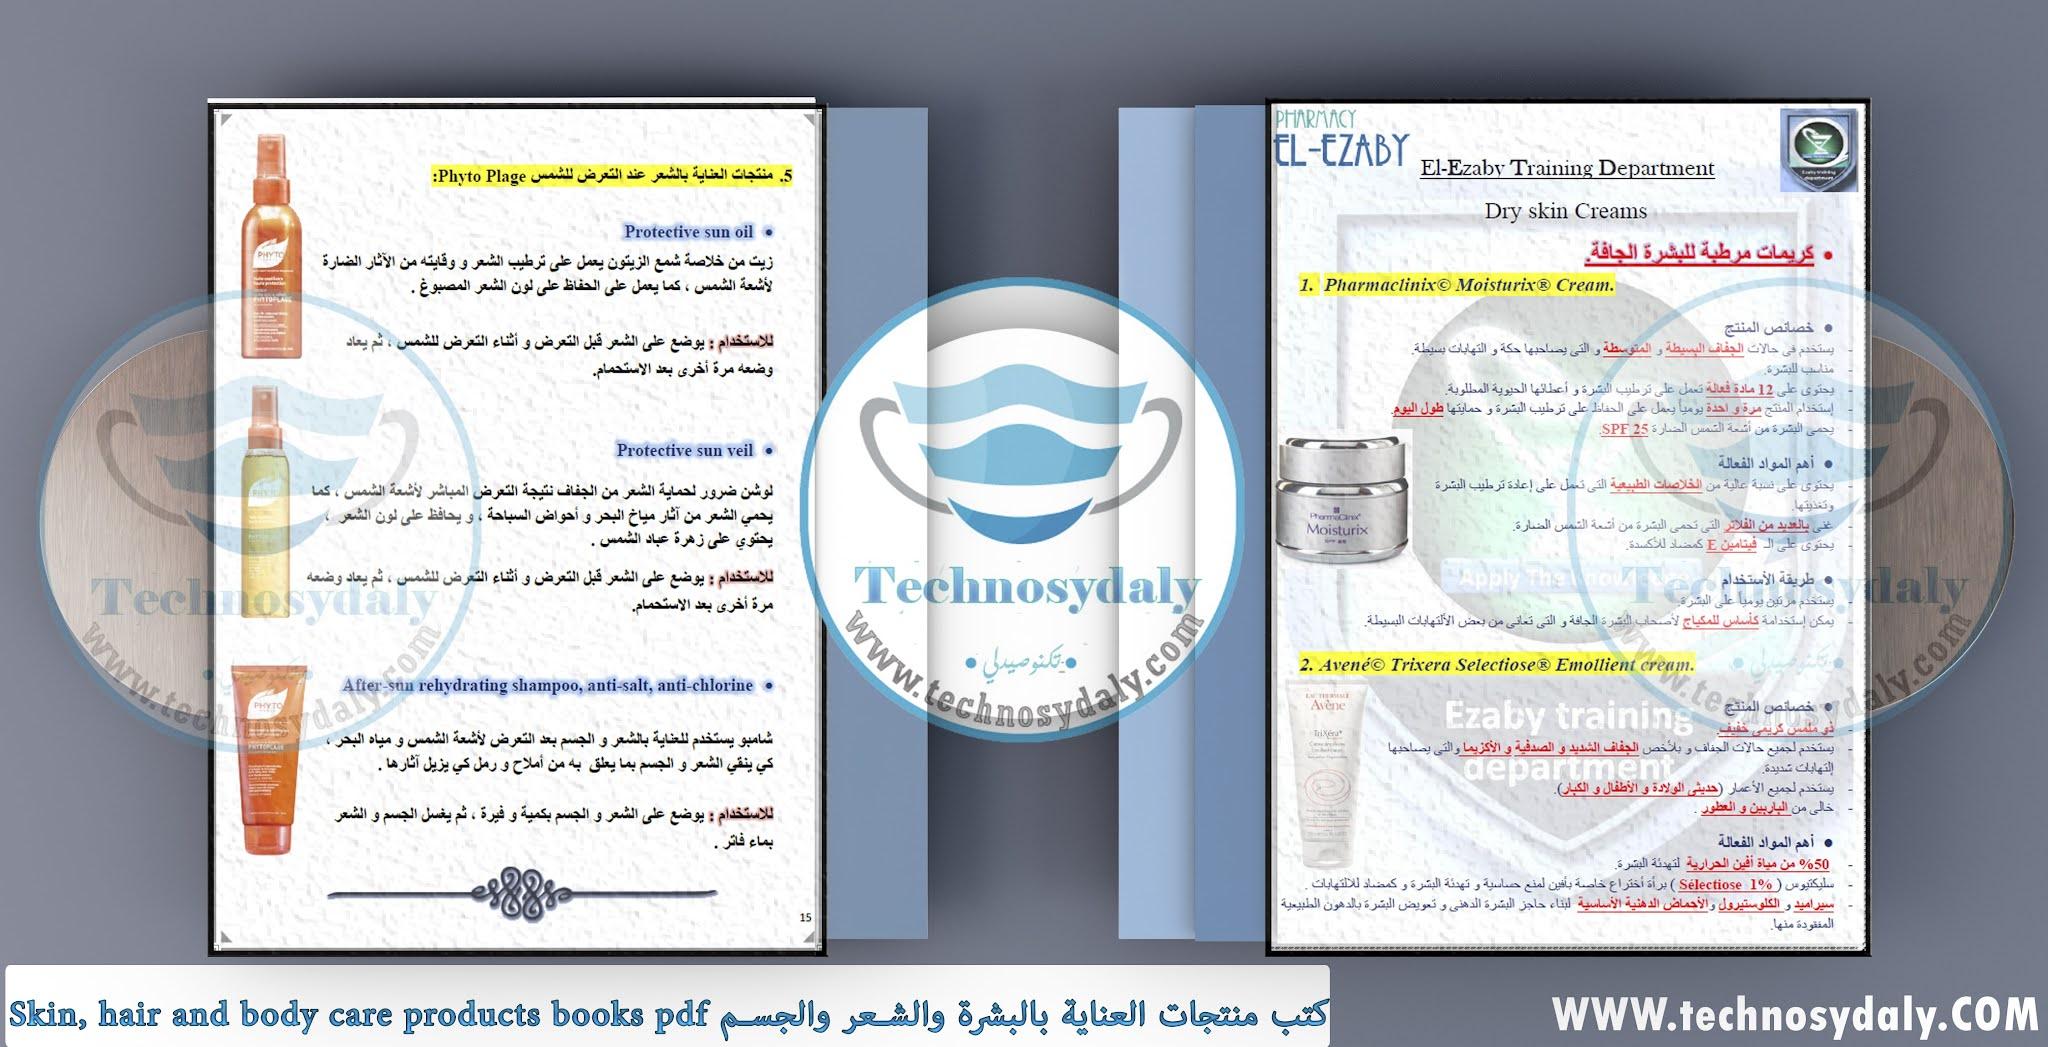 كتب منتجات العناية بالبشرة والشعر والجسم Skin, hair and body care products books pdf